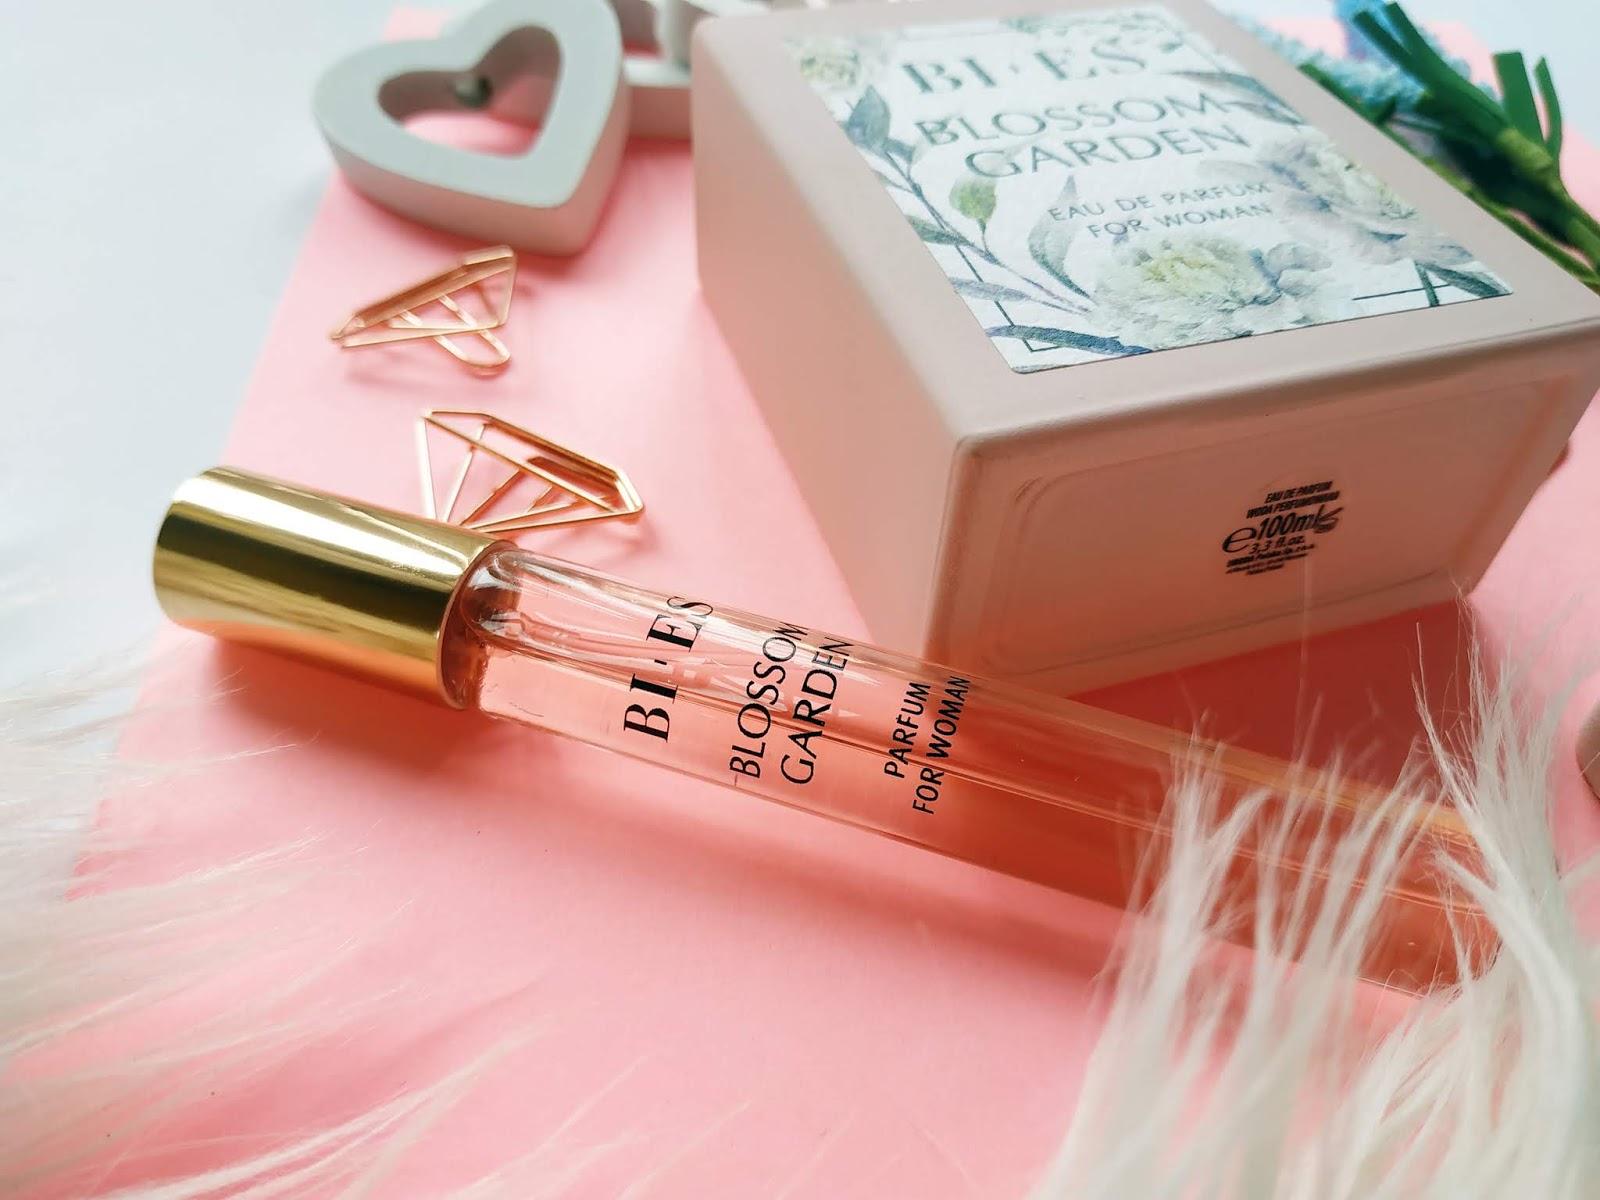 Blossom Garden bi es woda perfumowała mała wersja wersja do torebki opinia